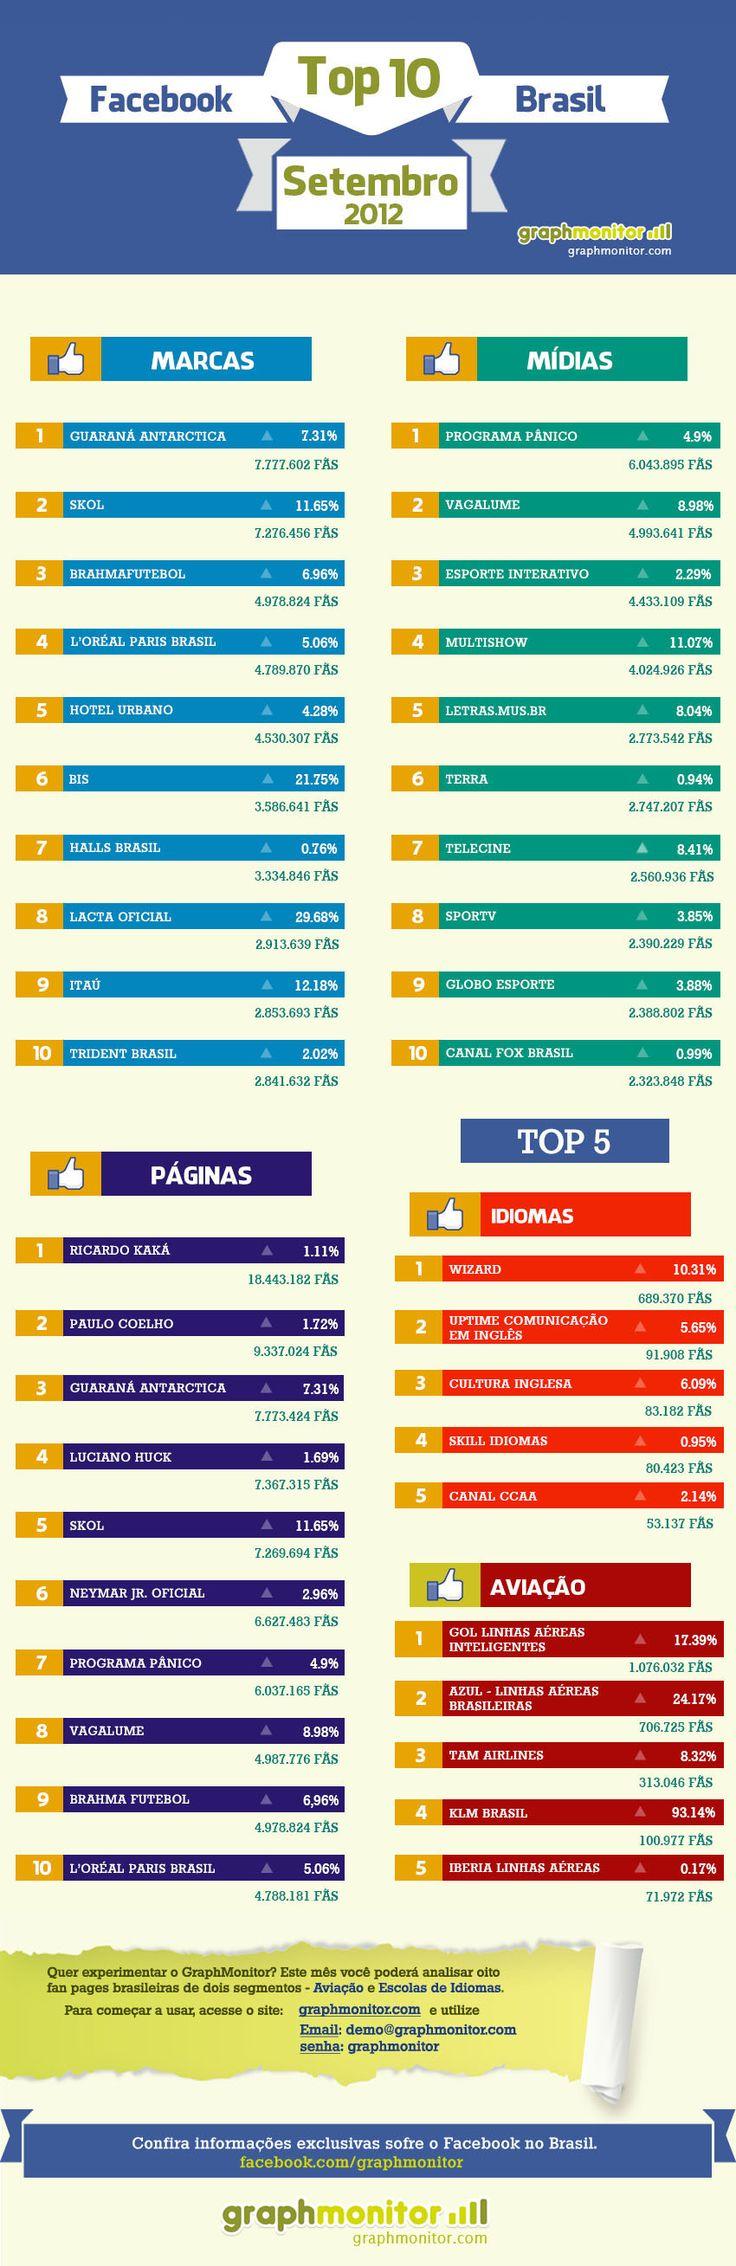 Infográfico detalha as principais Mídias, Marcas e Páginas no Facebook por meio de análise da ferramenta GraphMonitor.